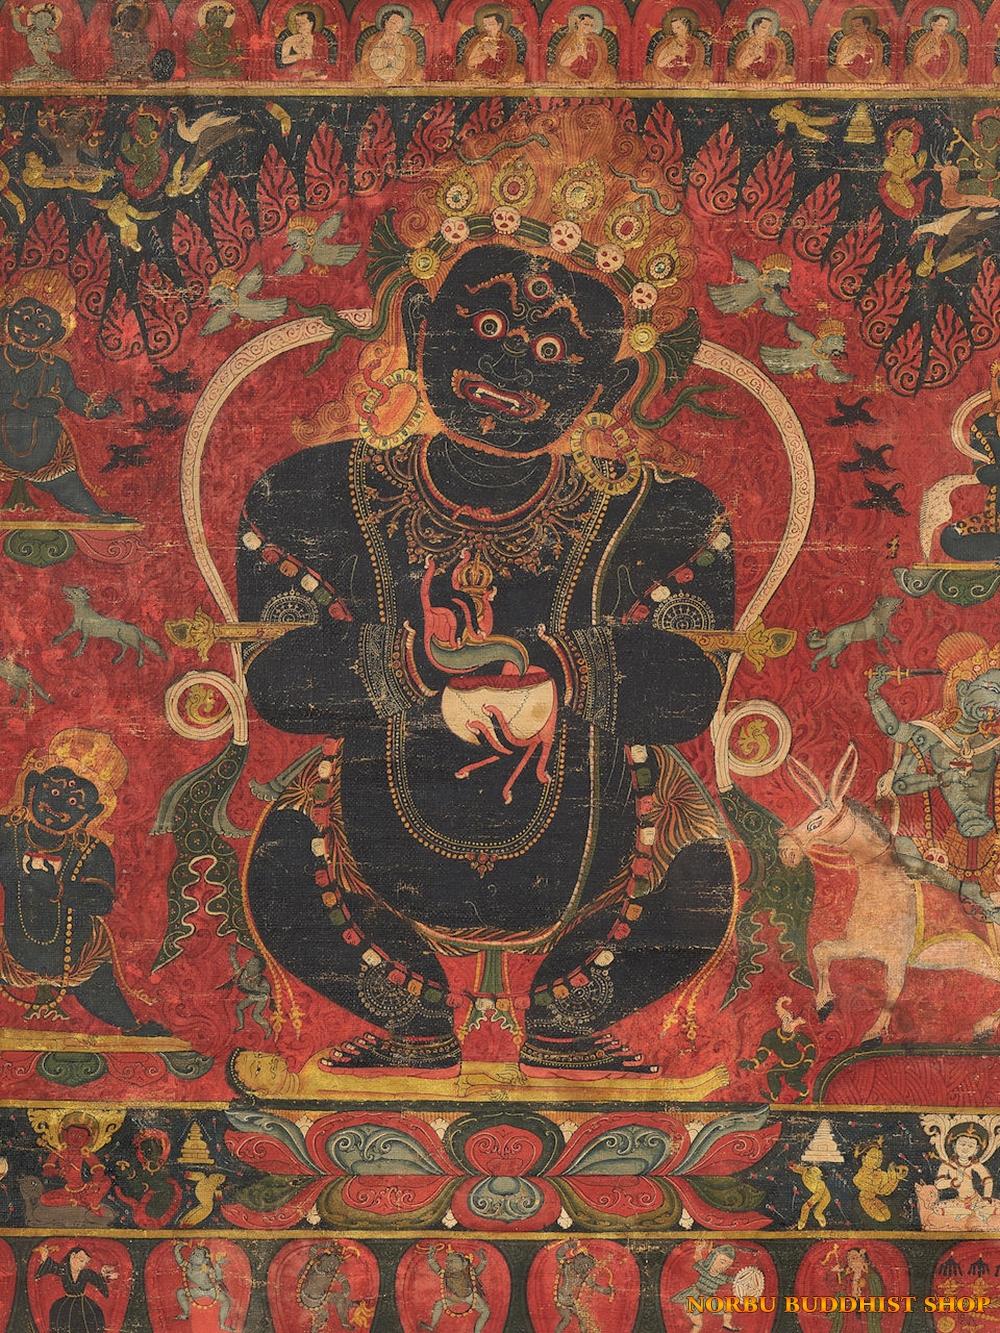 Ý nghĩa tôn giáo trong tranh Thangka Tây Tạng - Tangka Tibet có gì đặc sắc? 10